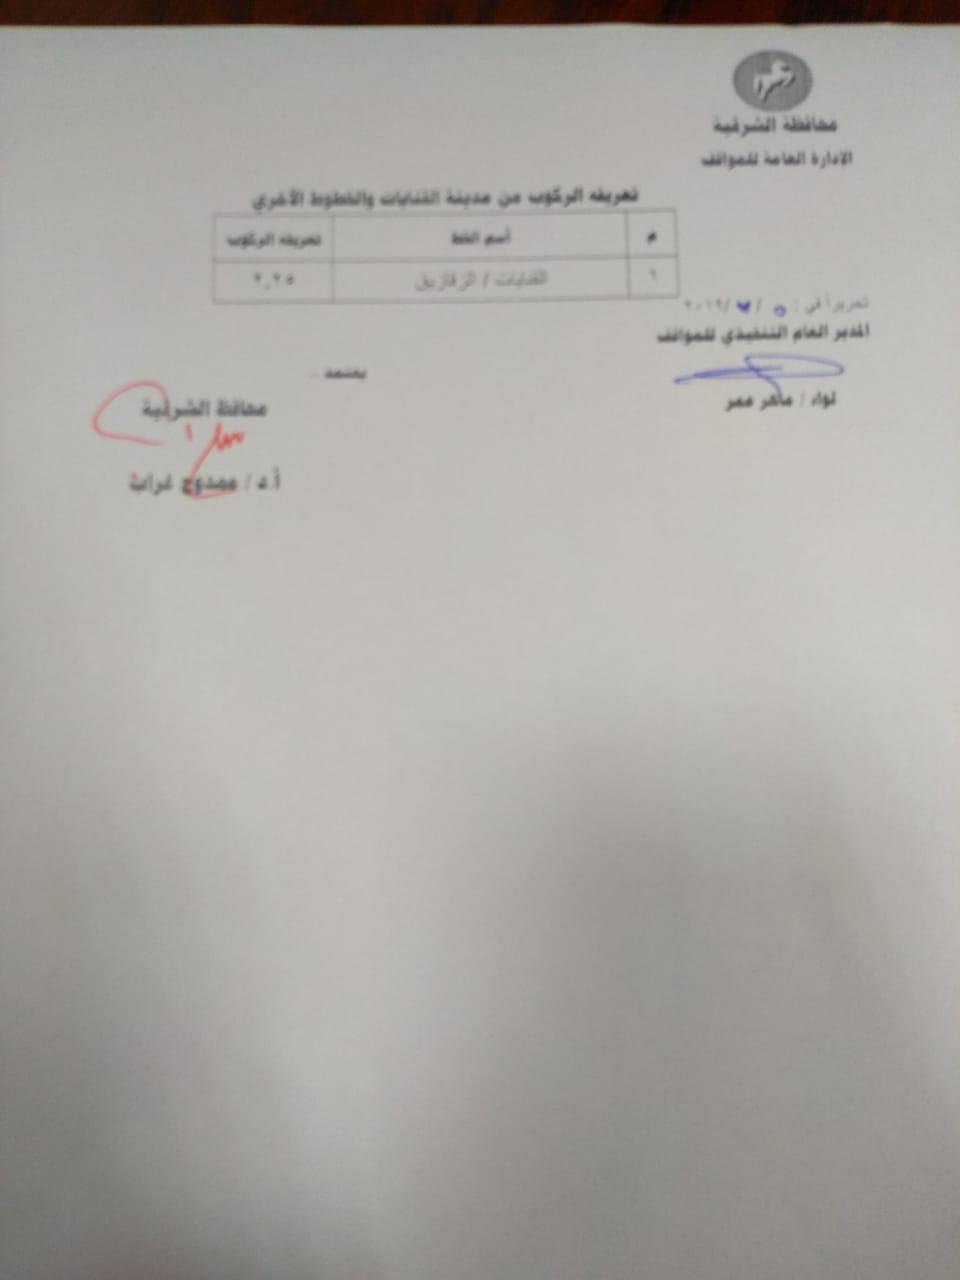 تعريفة الأجرة الجديدة بالشرقية (7)